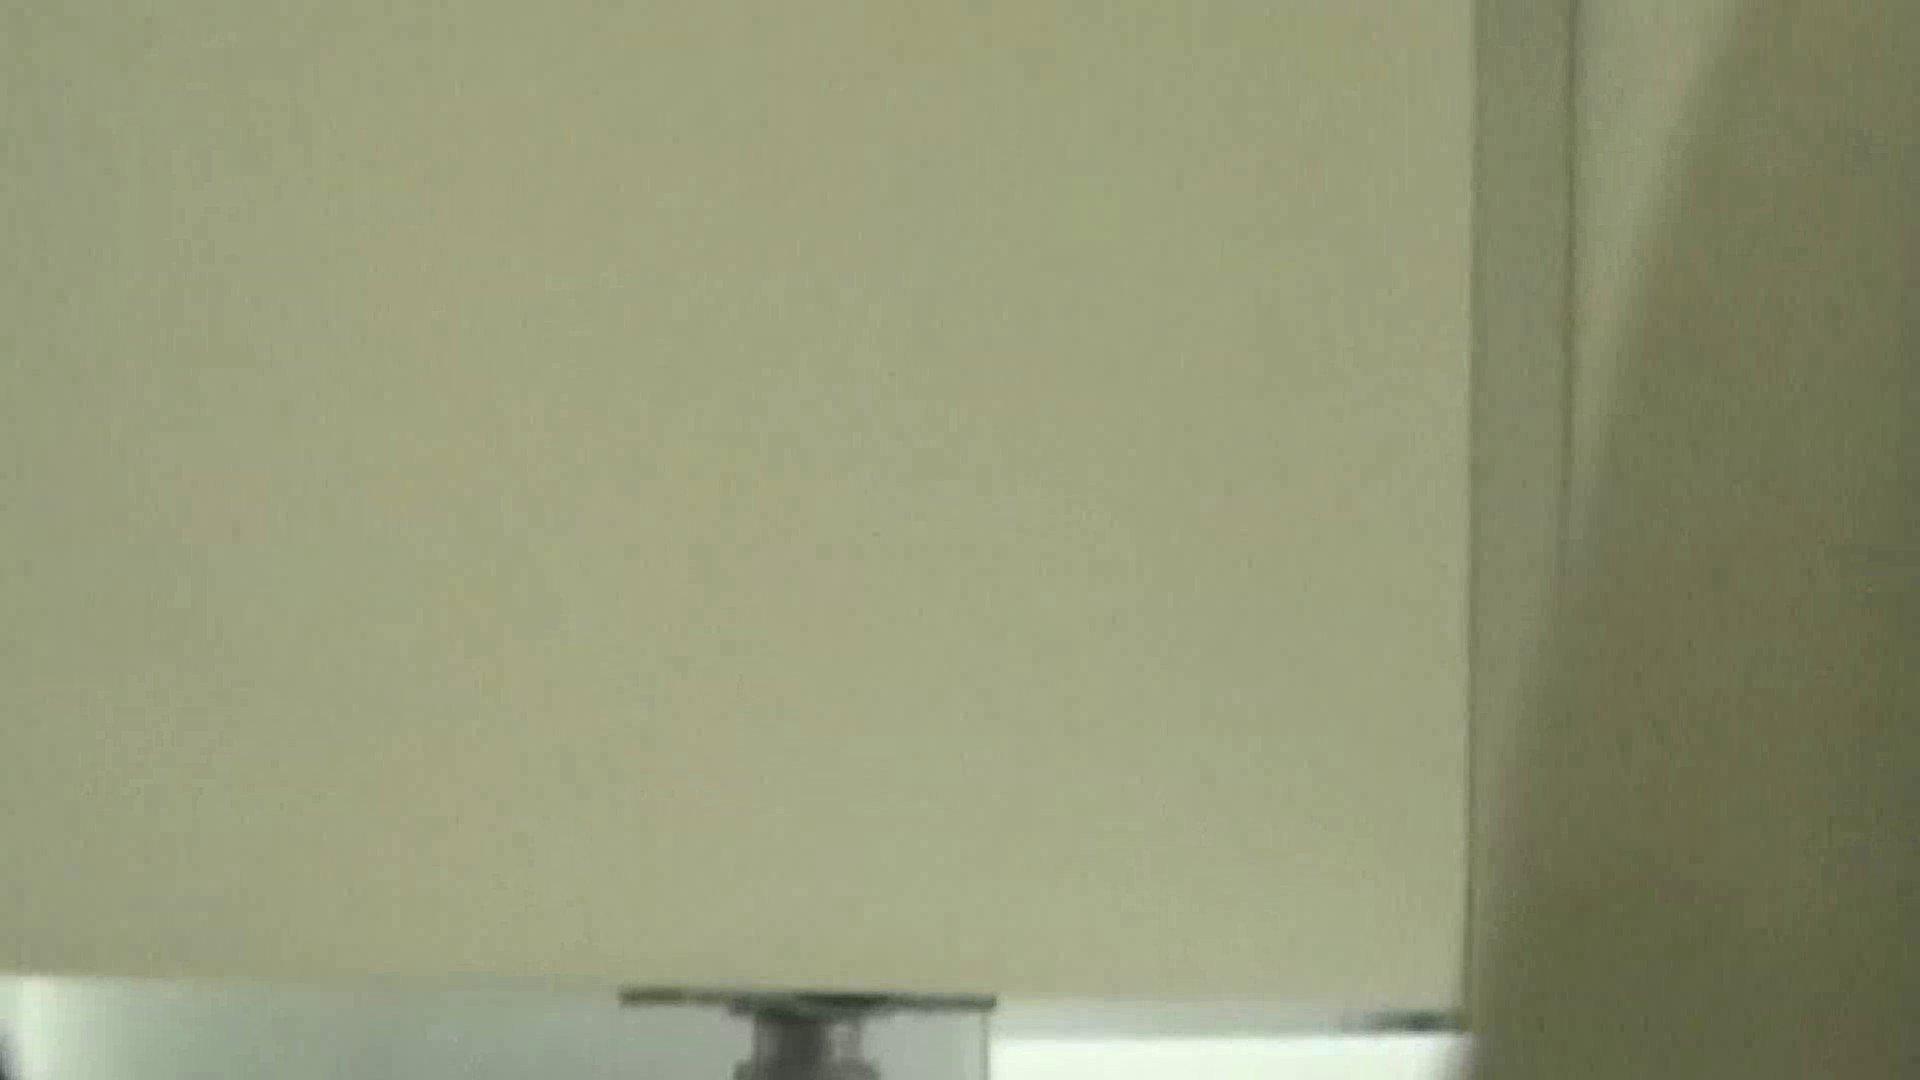 キレカワ女子大生の秘密の洗面所!Vol.002 放尿 | 女子大生すけべ画像  103連発 57